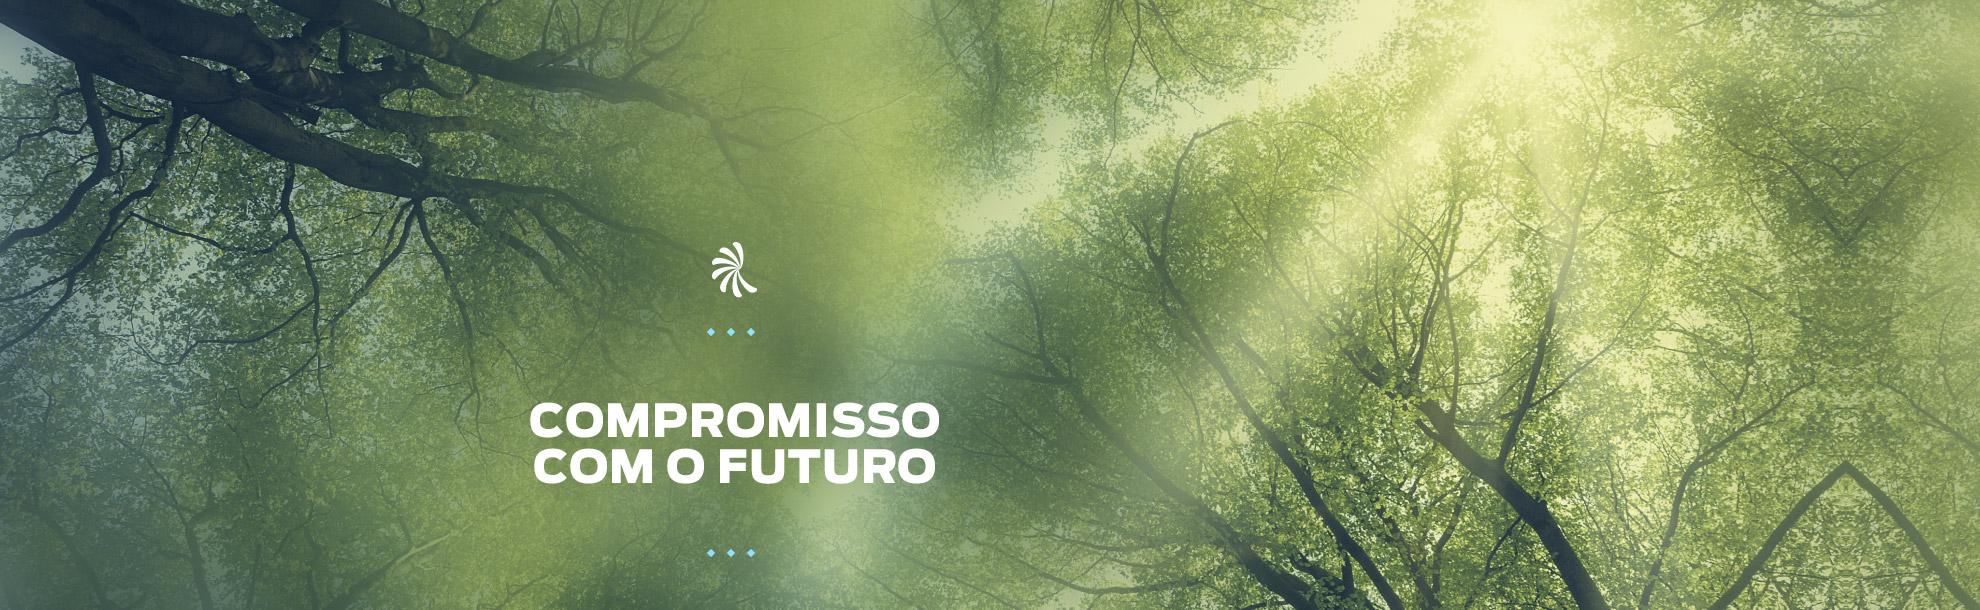 Compromisso com o futuro